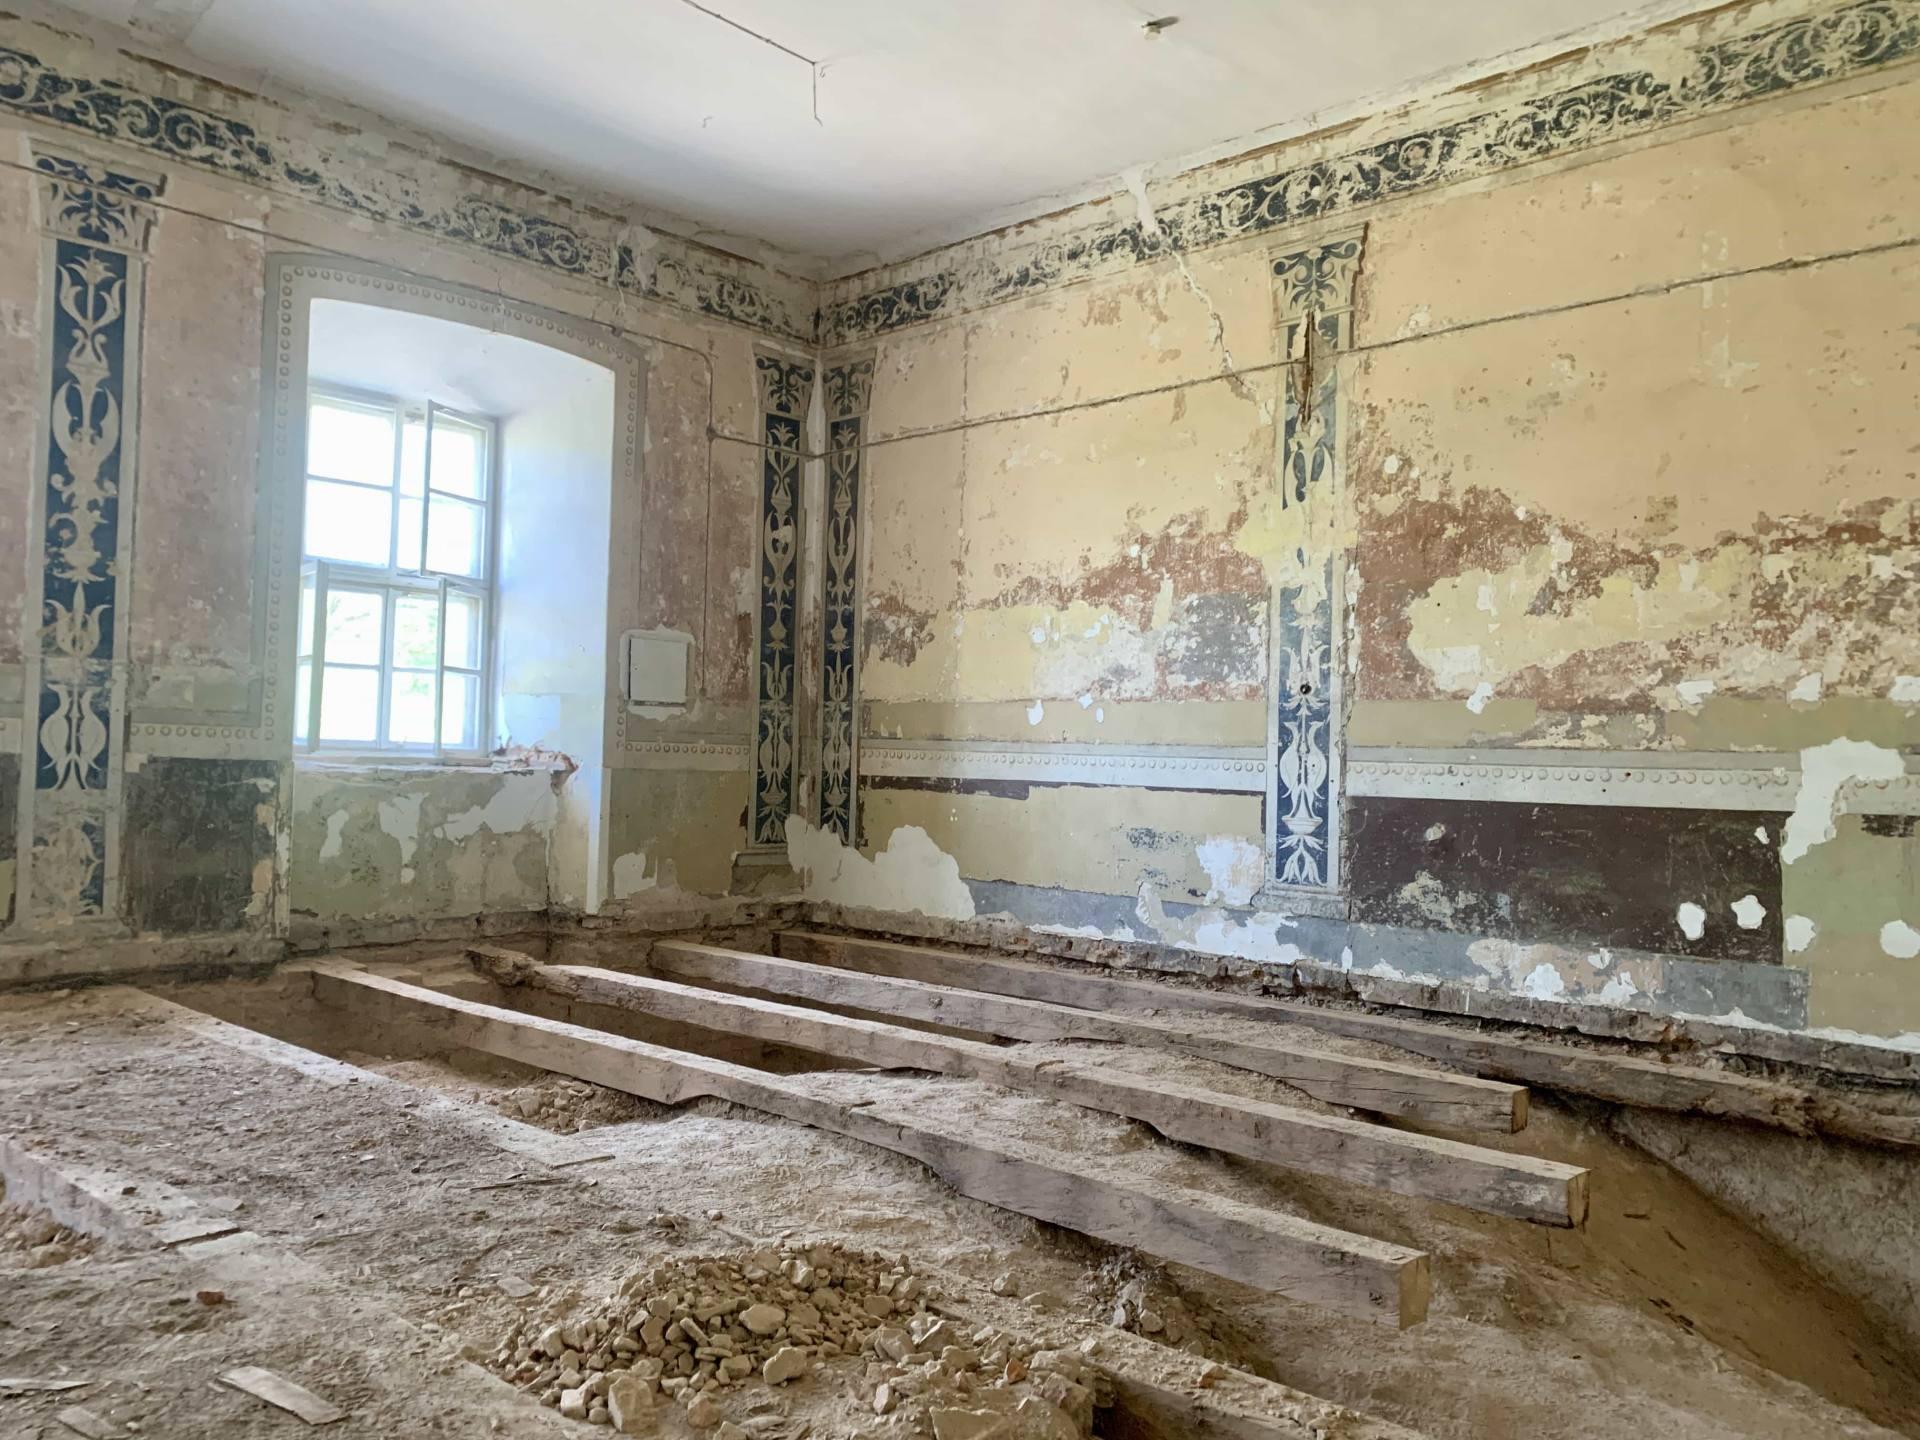 img 1809 ZAMOŚĆ: Wznowiono roboty budowlane i prace konserwatorskie w obiekcie Akademii Zamojskiej [ZDJĘCIA]